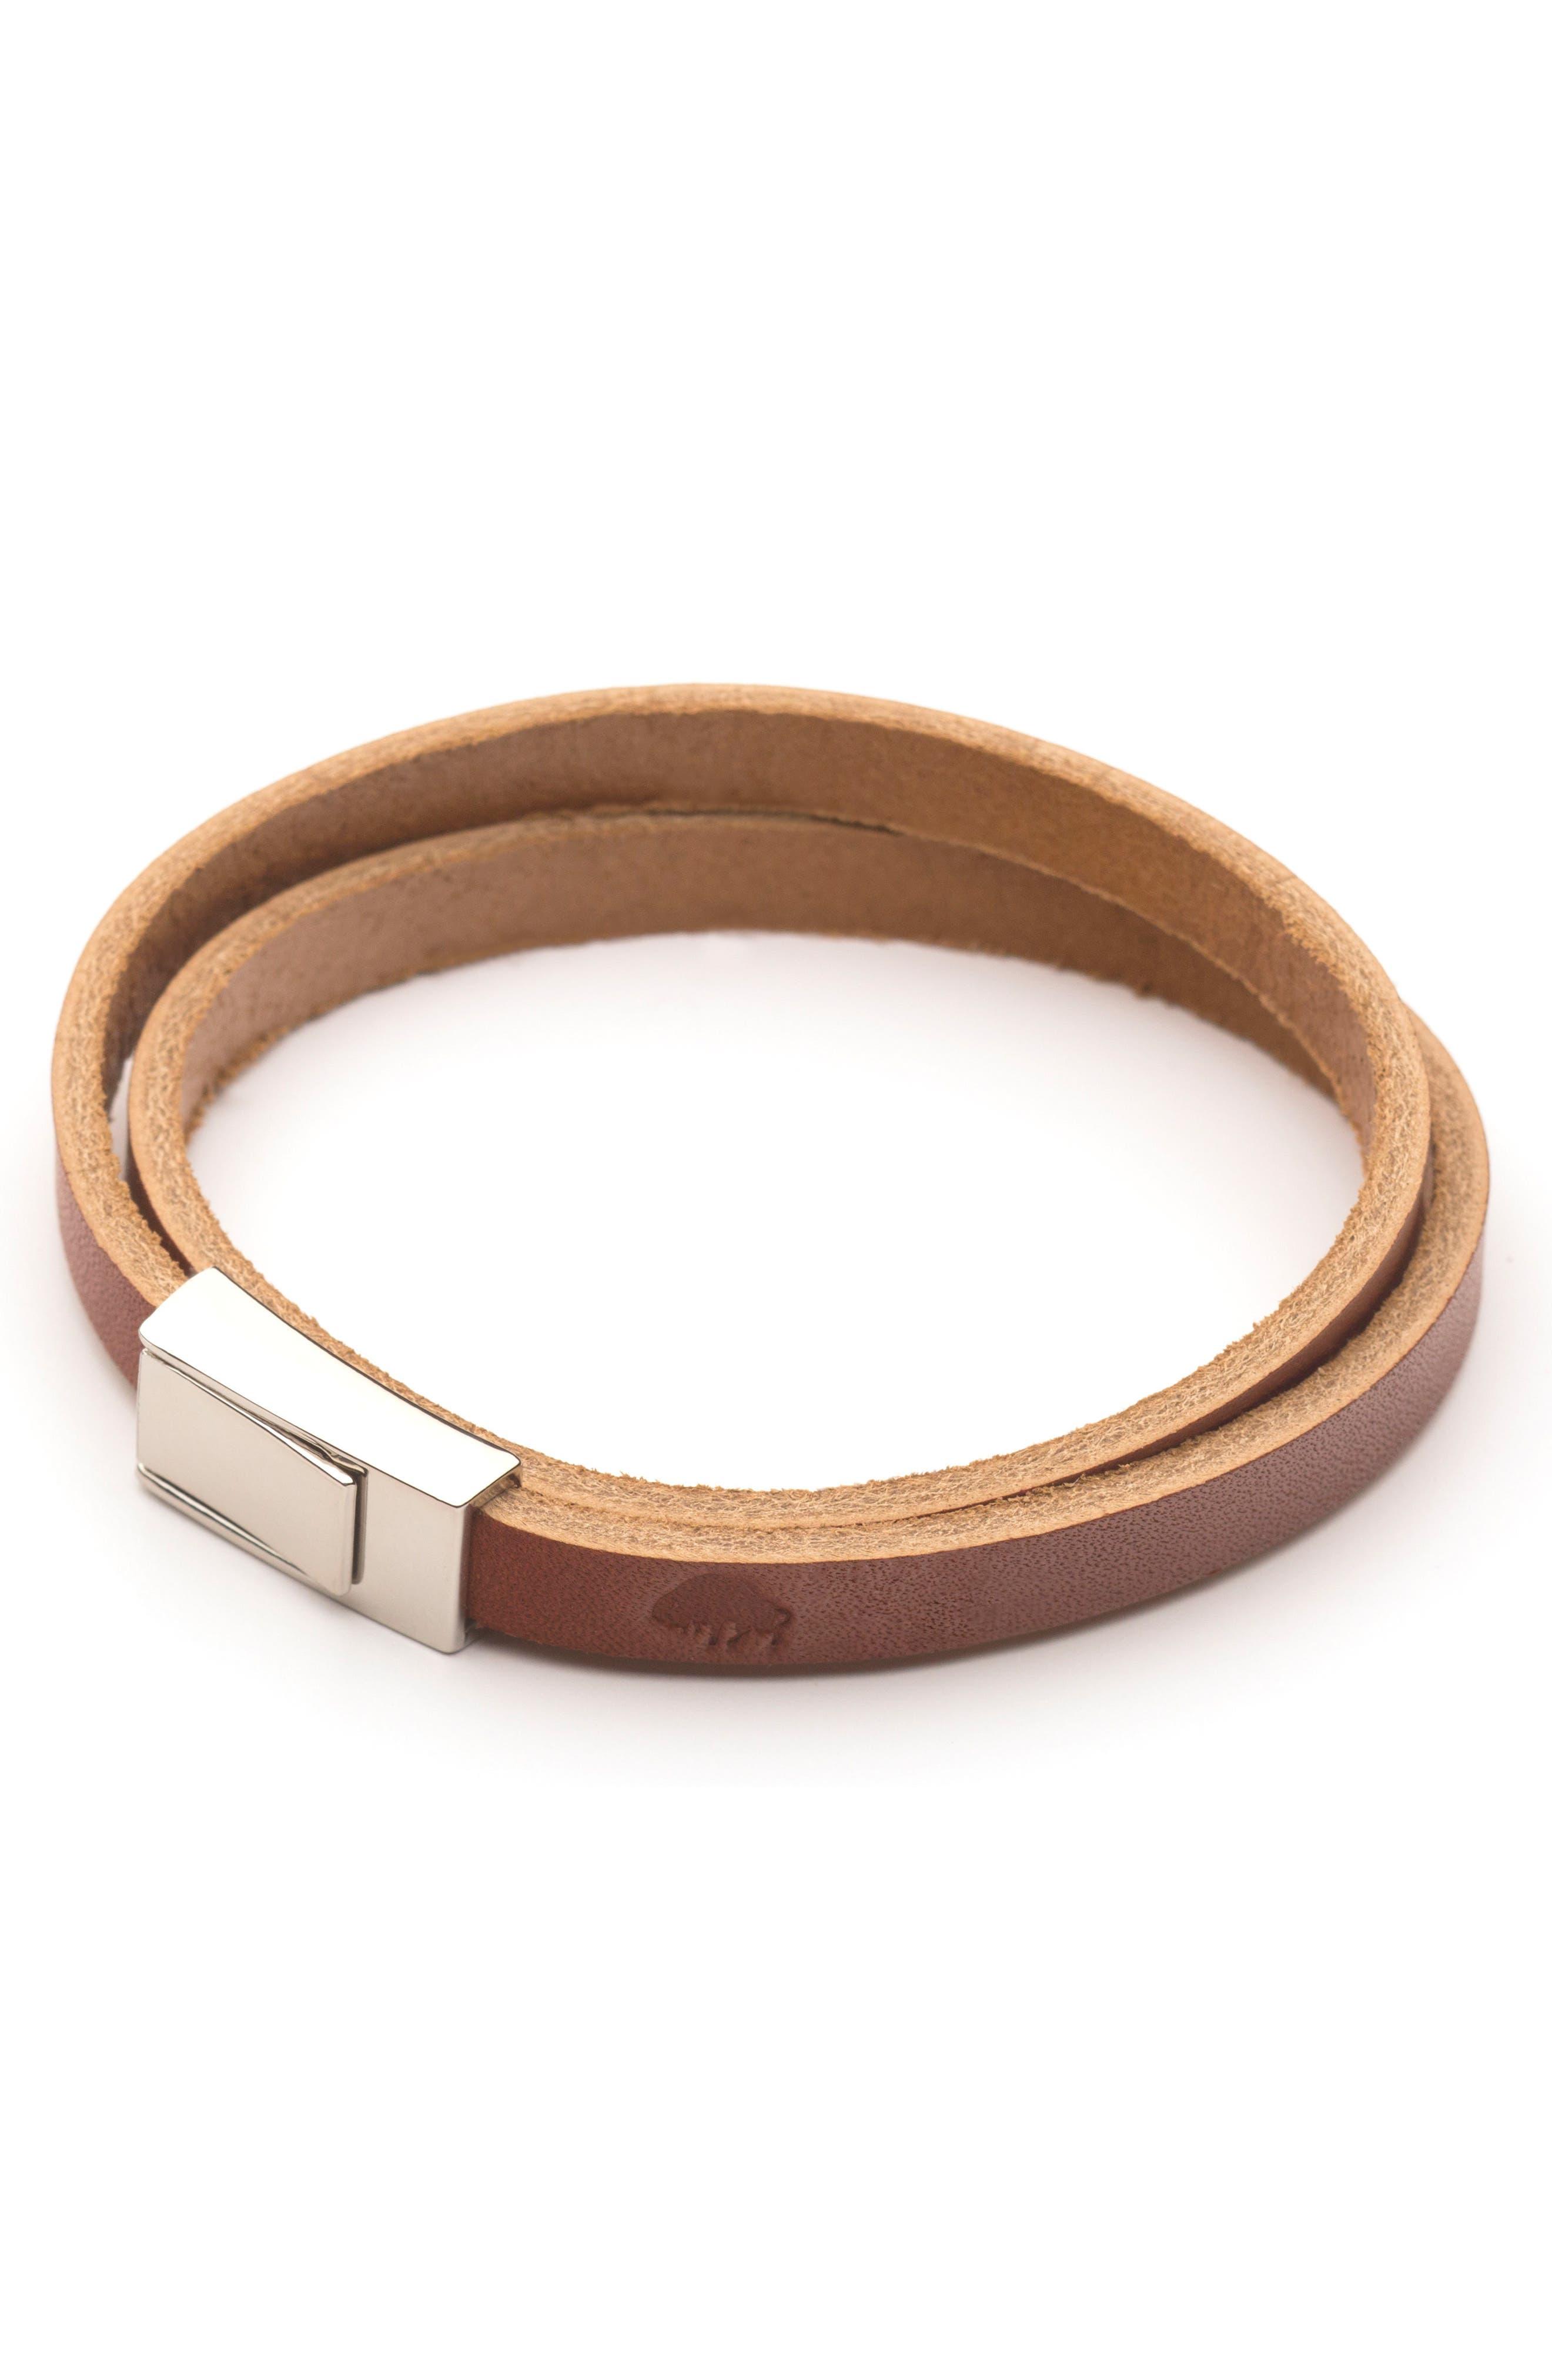 Double Wrap Leather Bracelet,                             Main thumbnail 1, color,                             Cognac